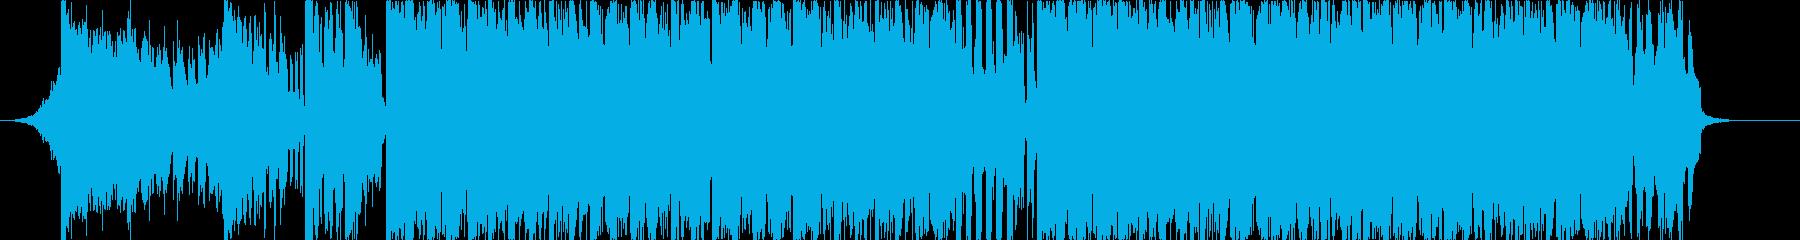 短めなビッグビートのジングルの再生済みの波形